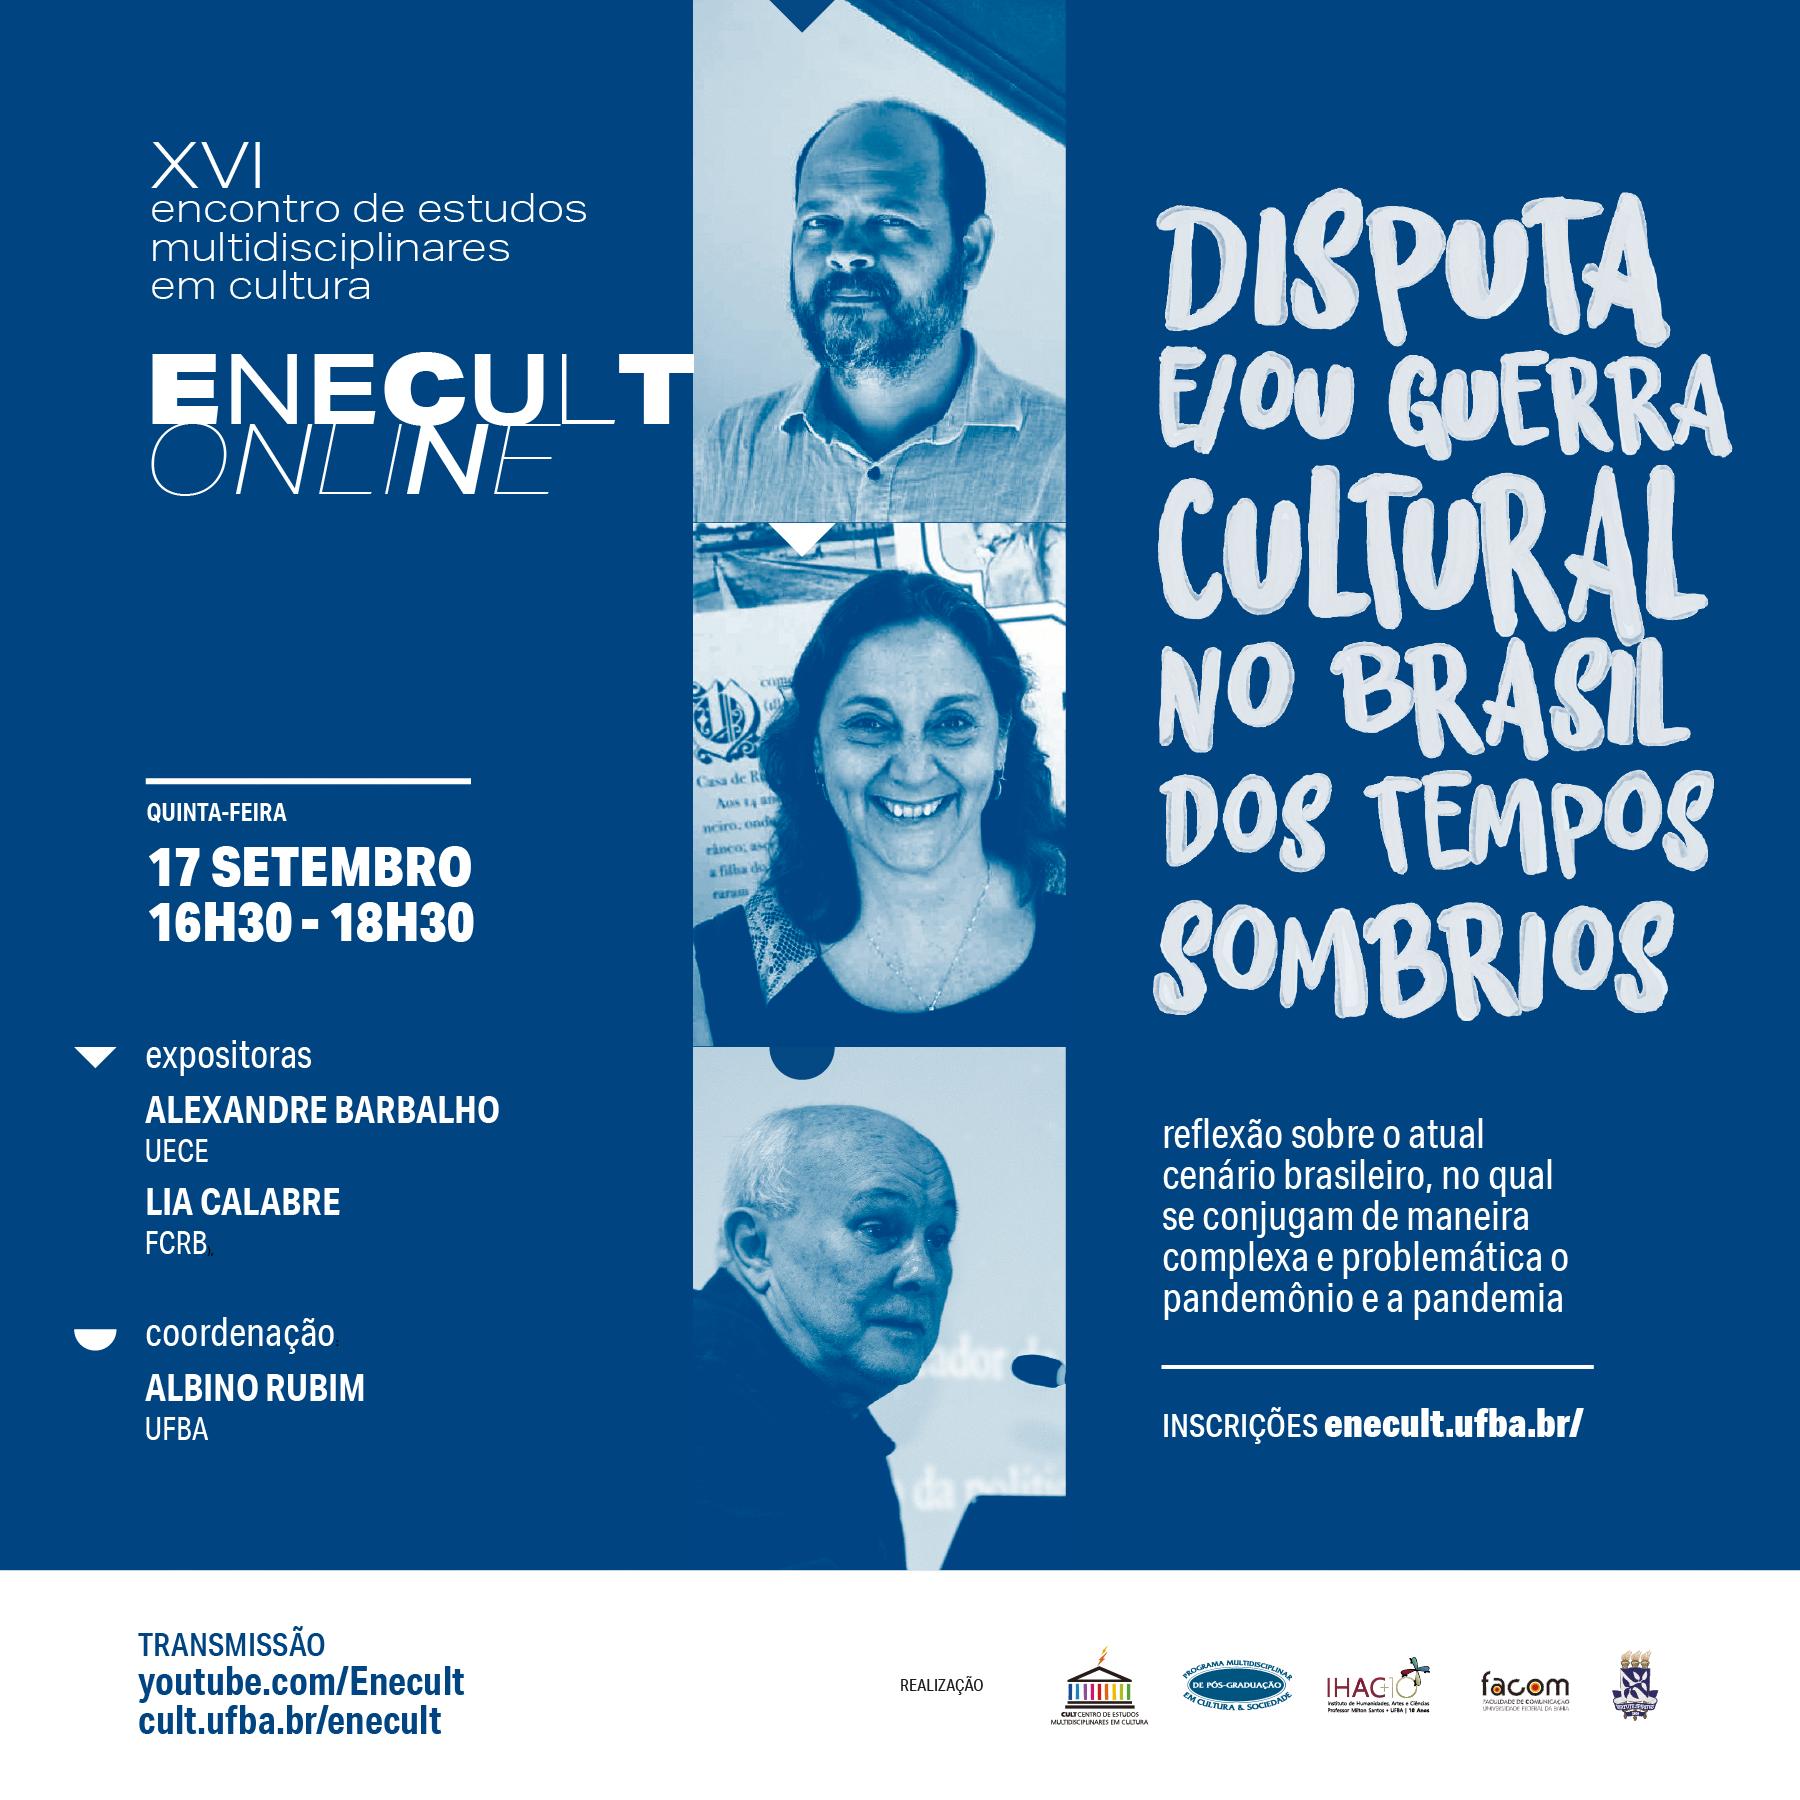 Guerra cultural no Brasil dos tempos sombrios